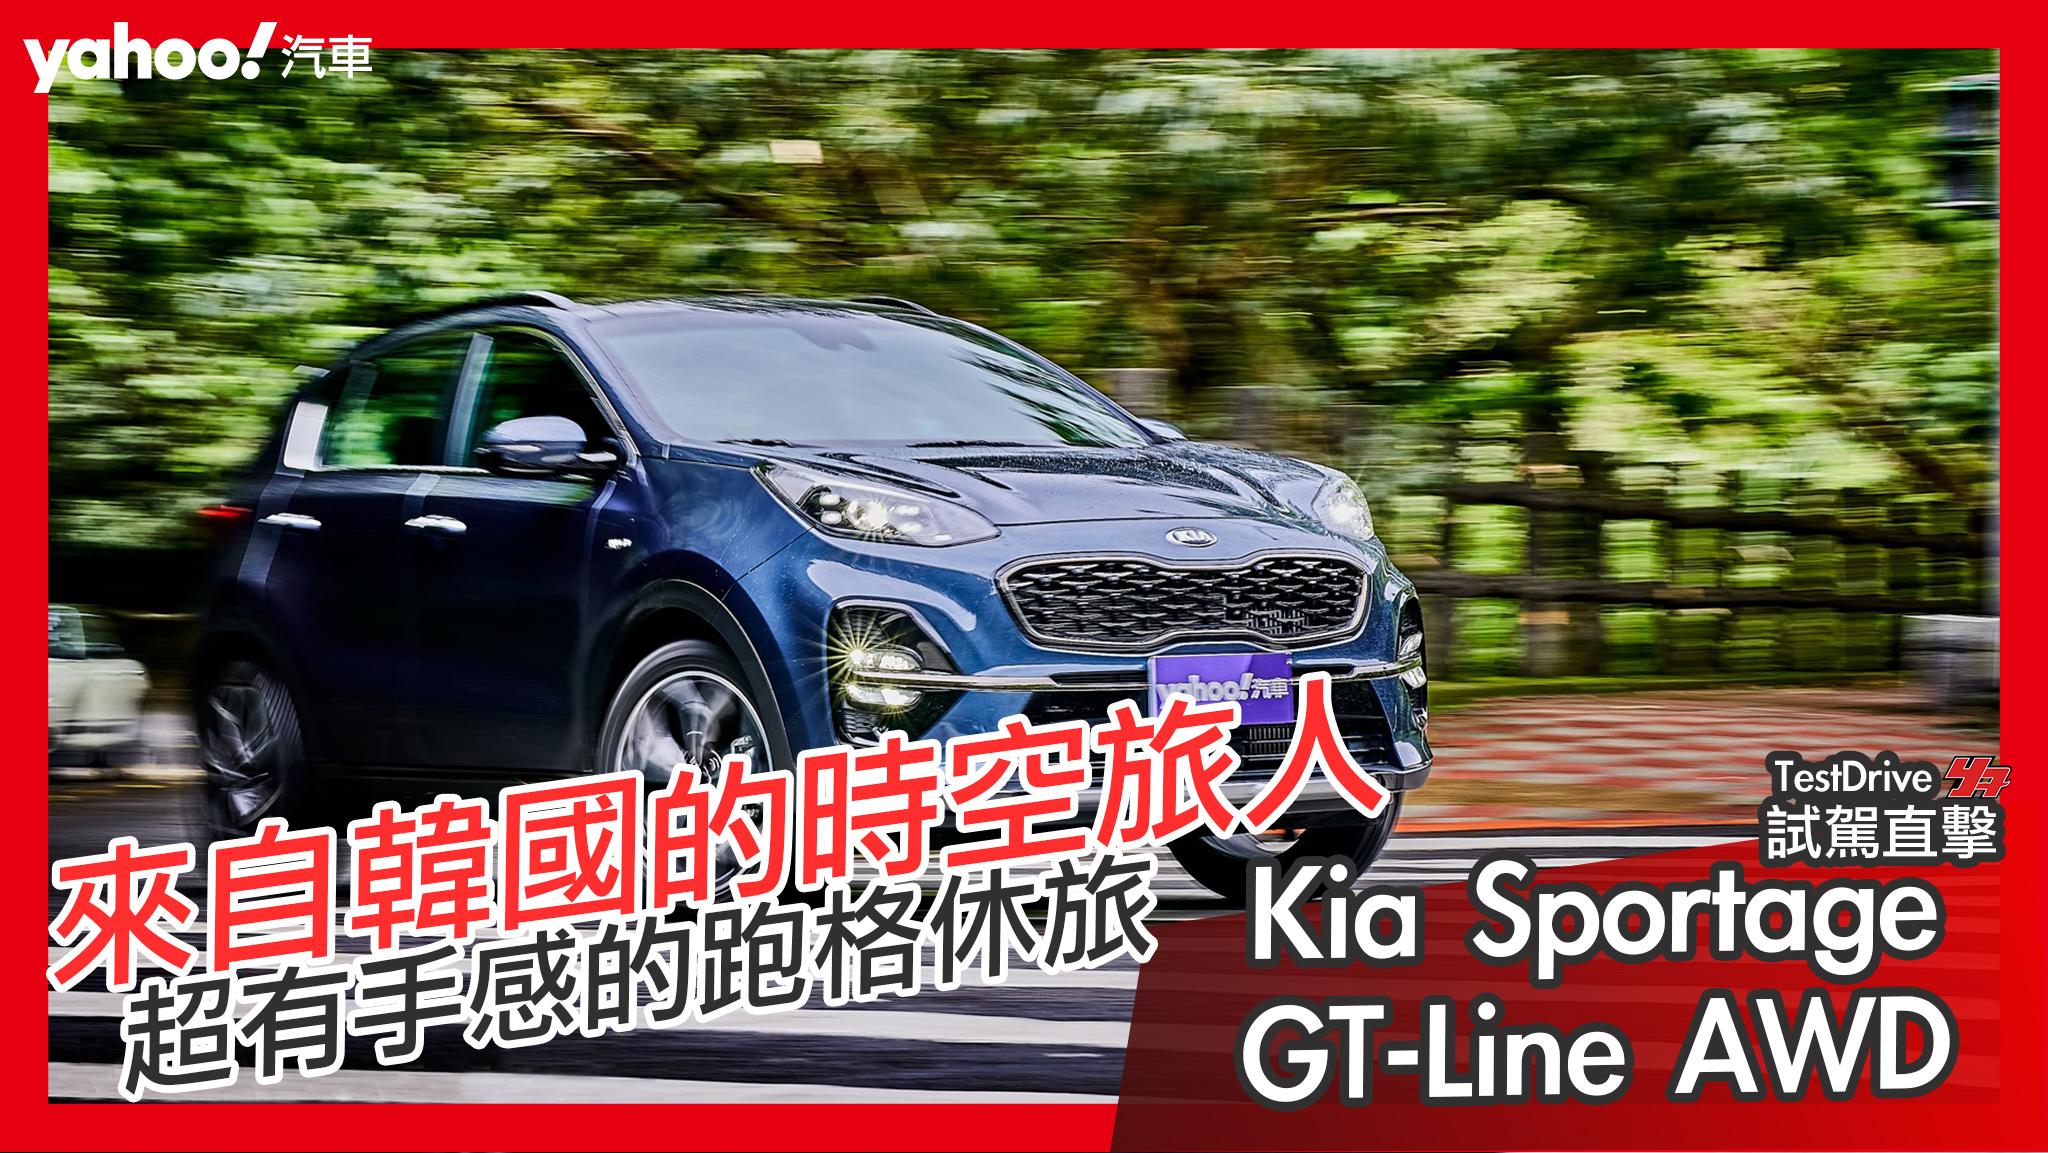 【試駕直擊】時代錯置的運動休旅悍將!2020 Kia Sportage GT Line AWD小改款城郊試駕!